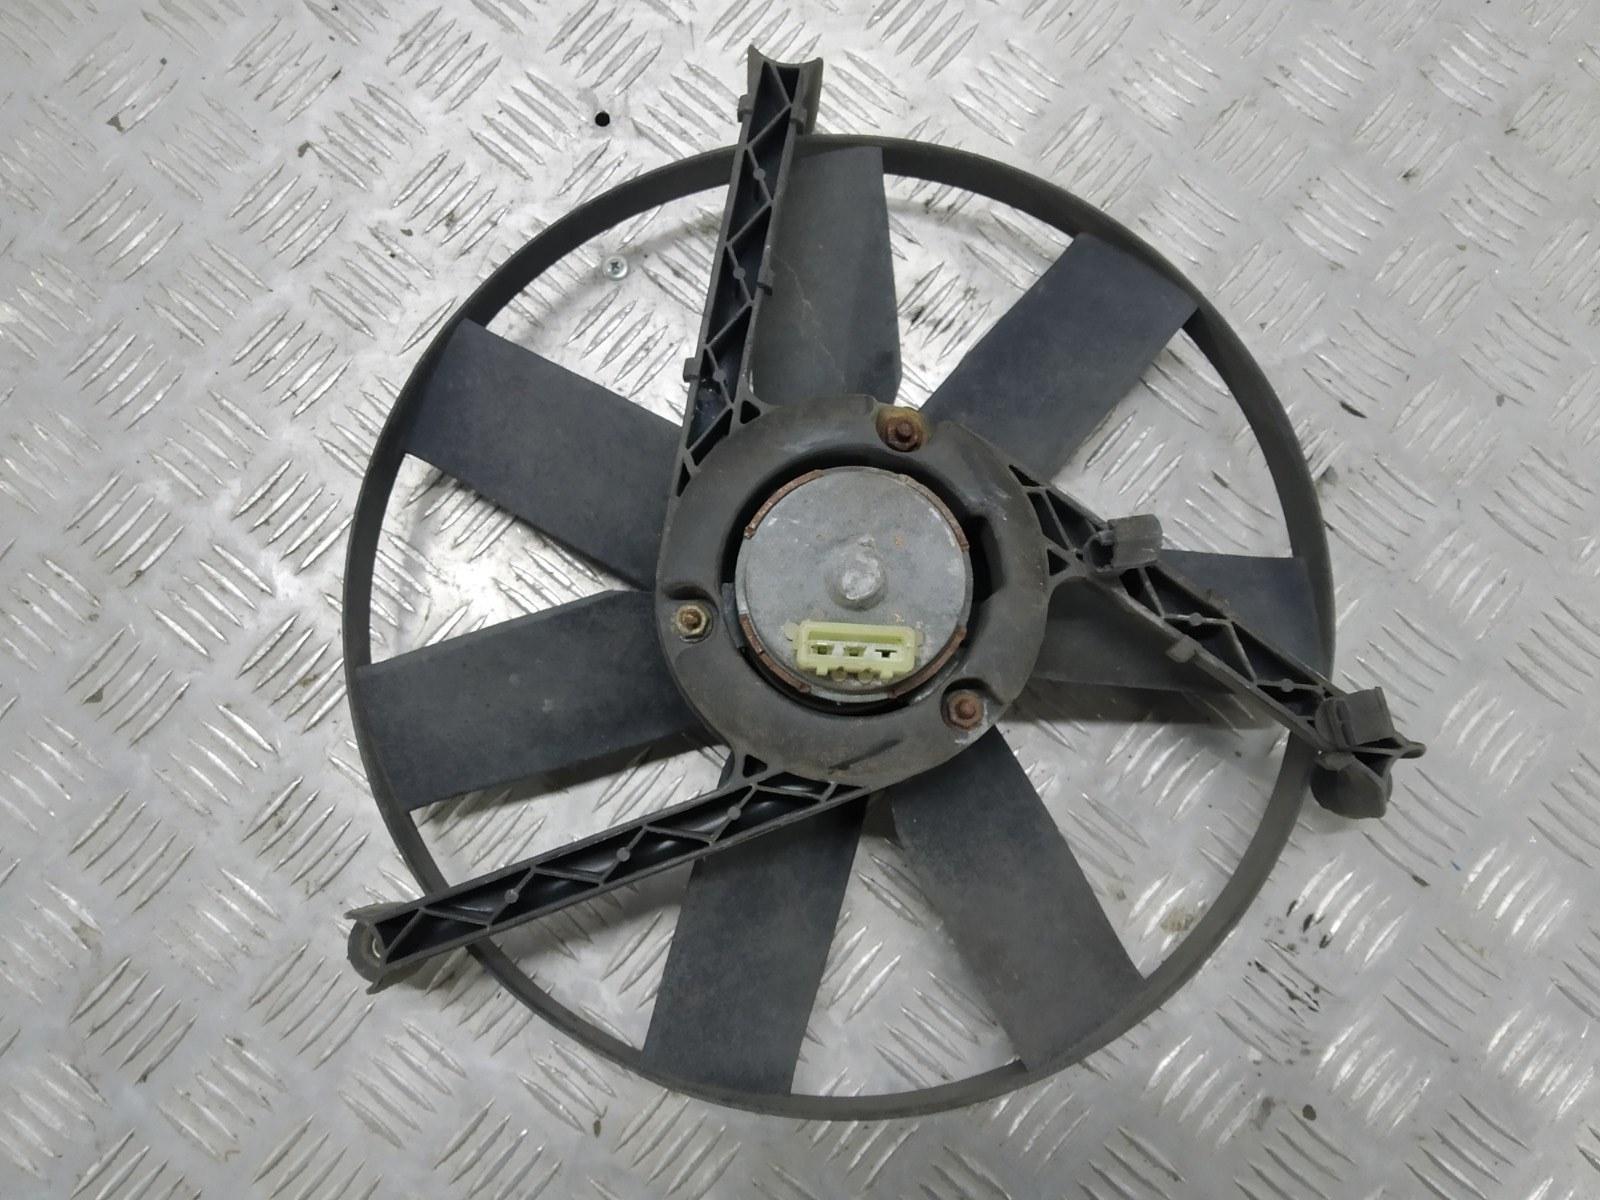 Вентилятор радиатора Seat Arosa 1.0 I 2002 (б/у)